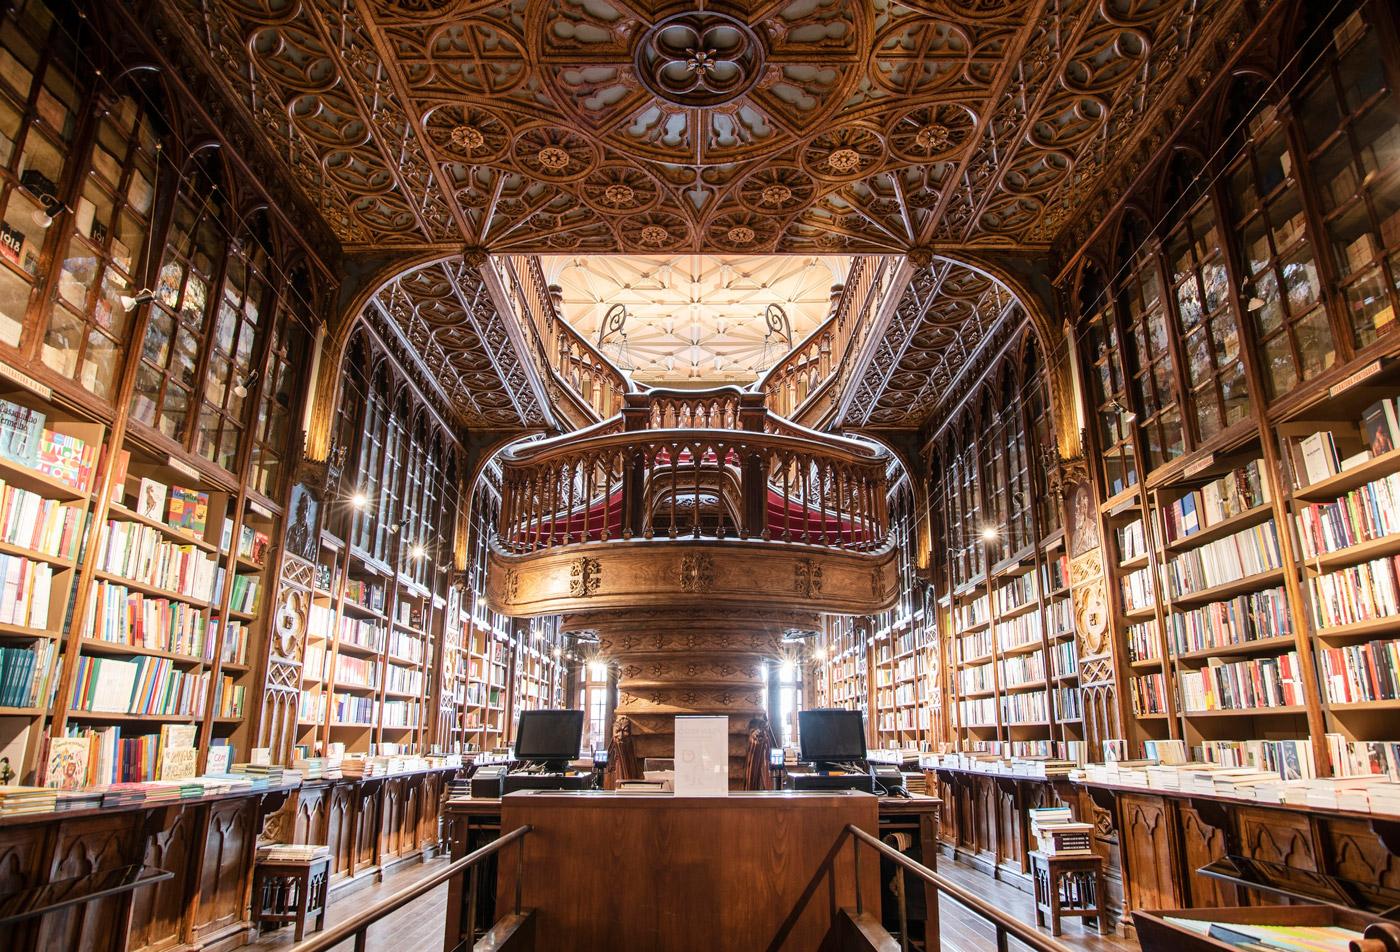 Livraria Lello - The most beautiful bookshop in Porto.